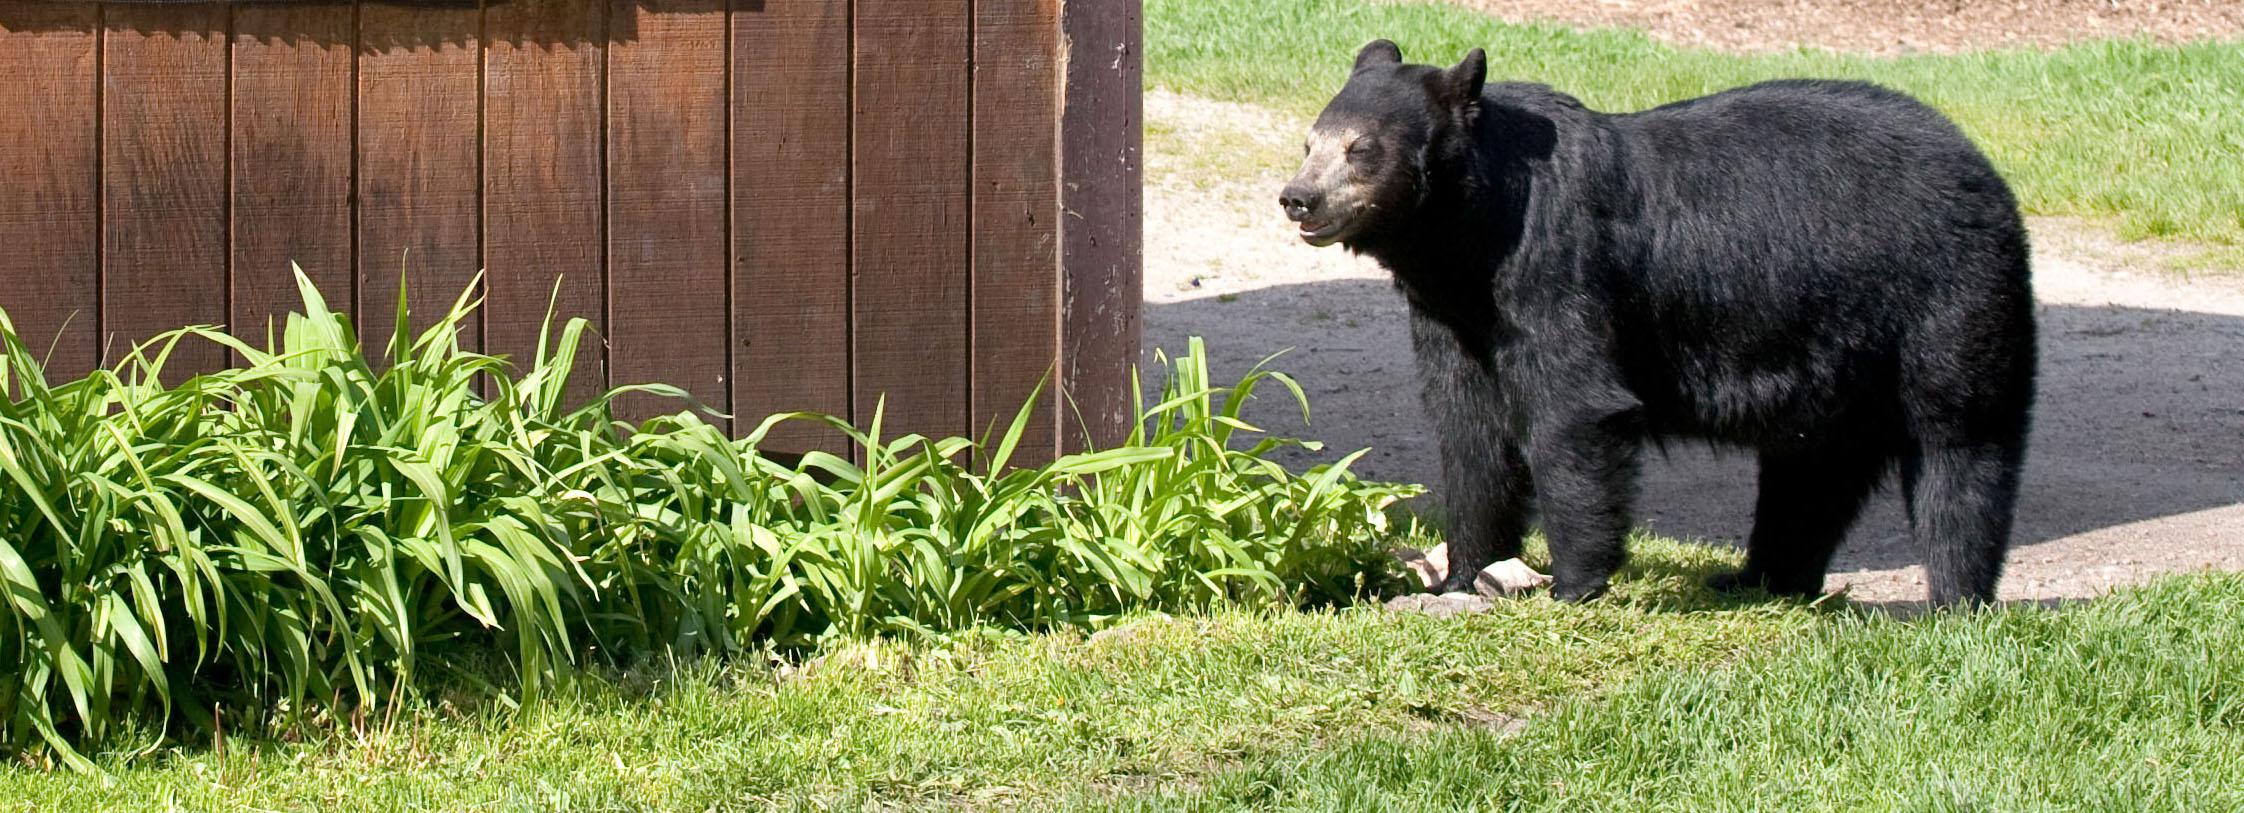 bear near building